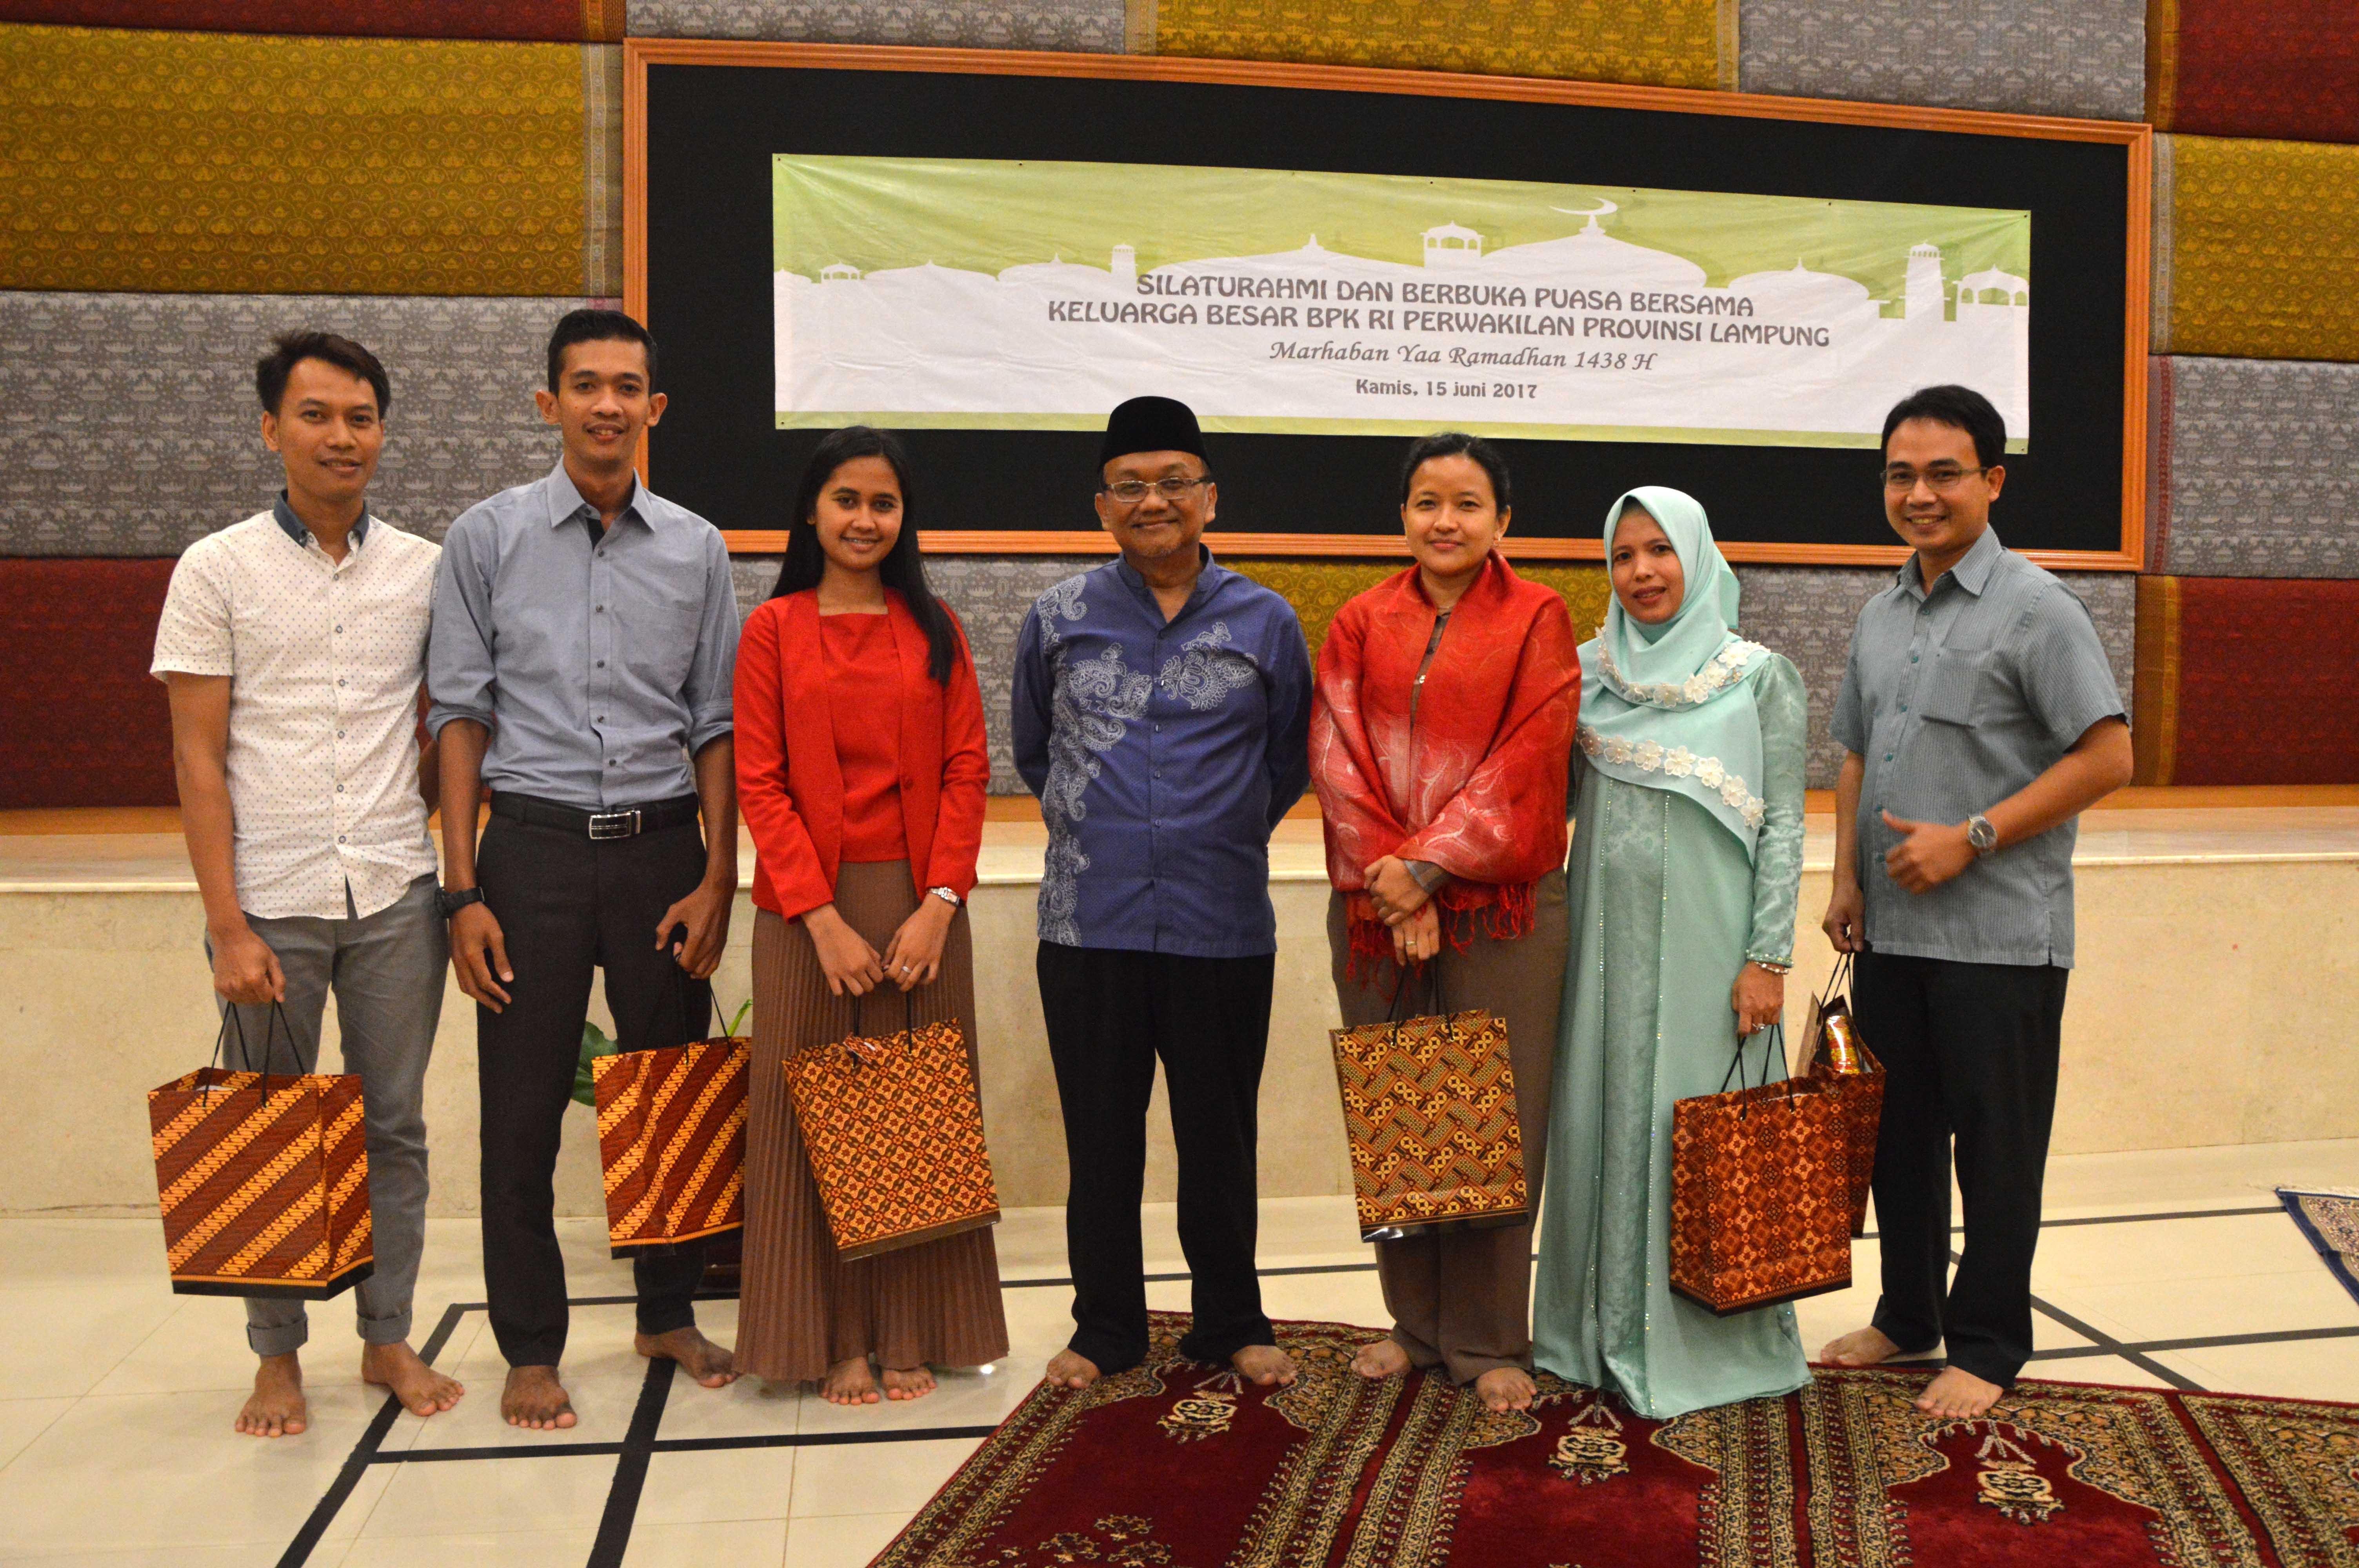 Buka Puasa Bersama Keluarga Besar BPK Perwakilan Provinsi Lampung dan Perpisahan Pegawai